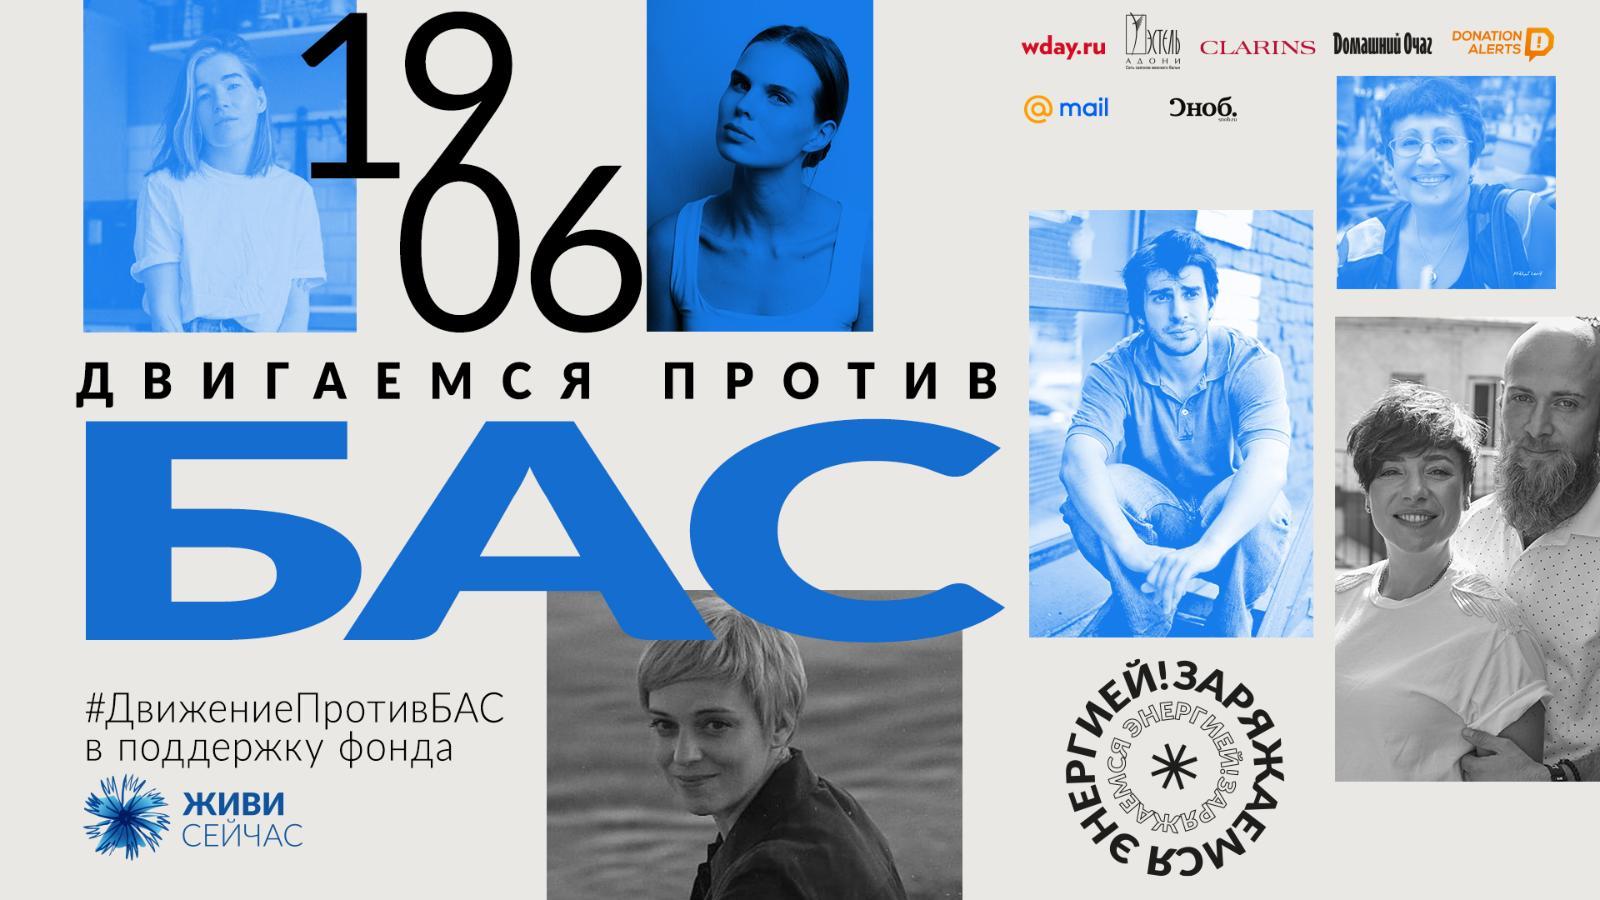 Компания Clarins перечислит 100 рублей за каждый пост в поддержку марафона #ДвижениеПротивБАС благотворительного фонда «Живи сейчас»